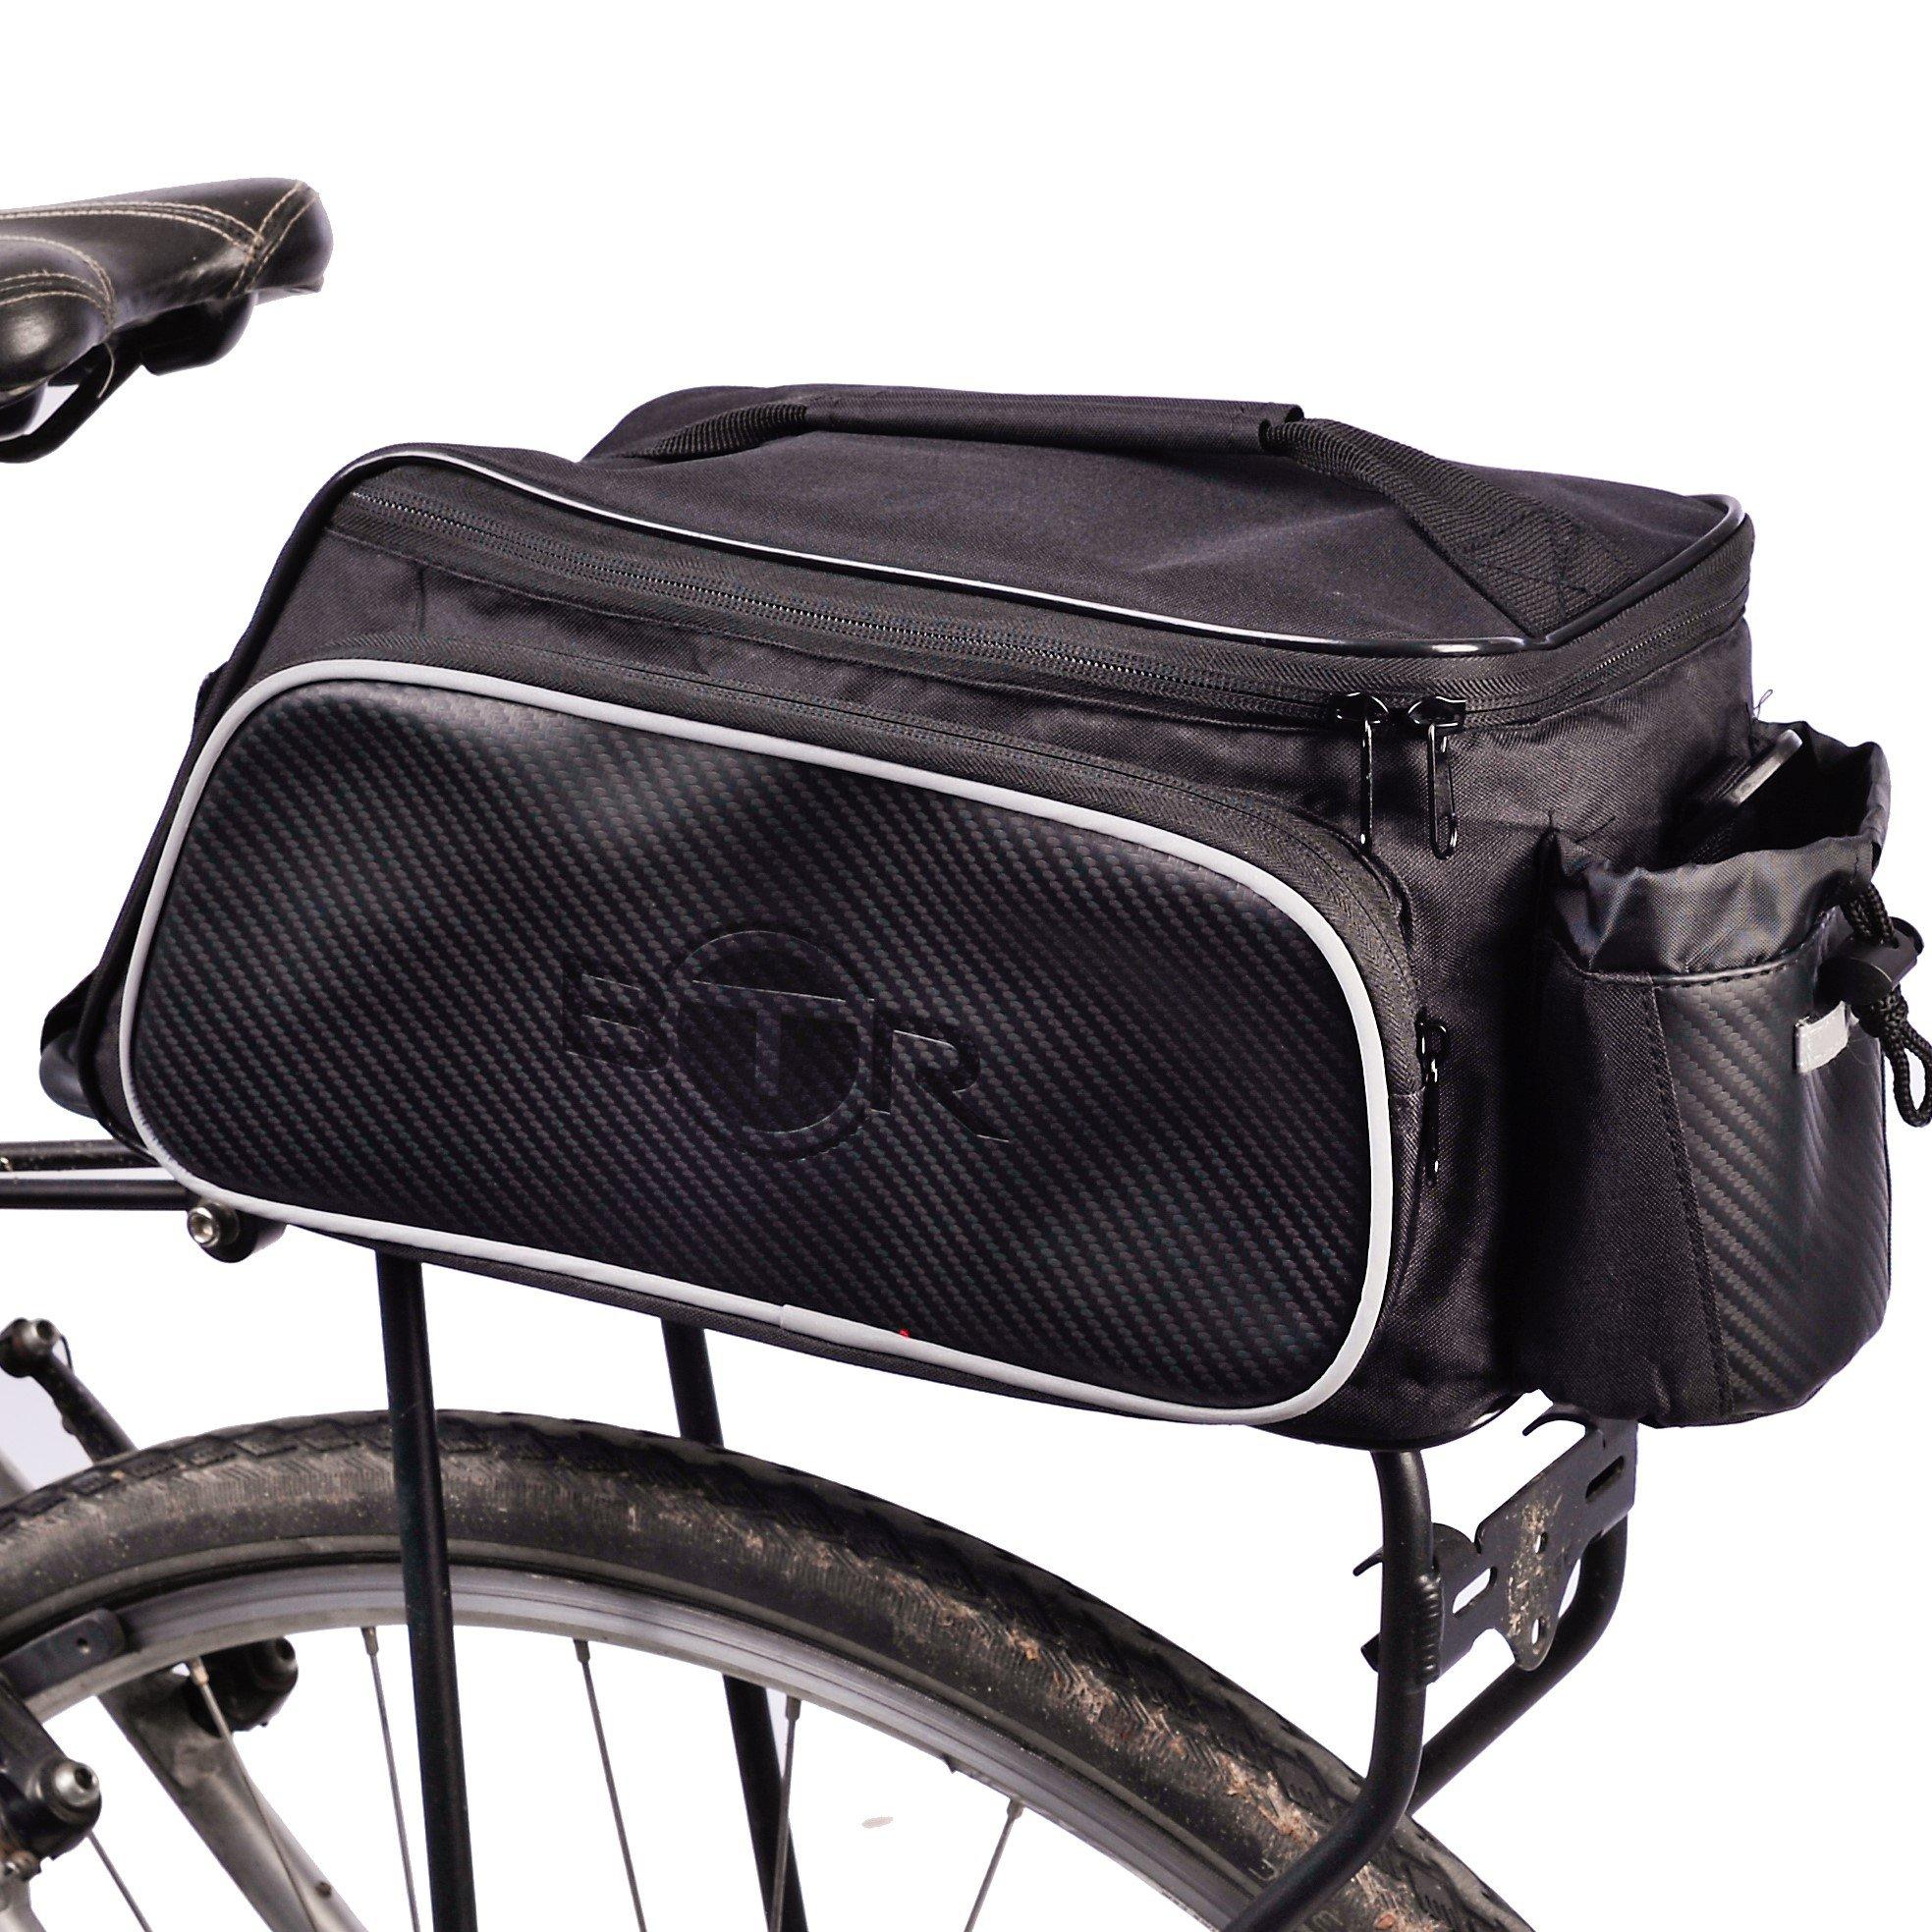 BTR Bolsa para Bici diseñada para el portaequipajes Trasero de la Bicicleta. Impermeable. Negra